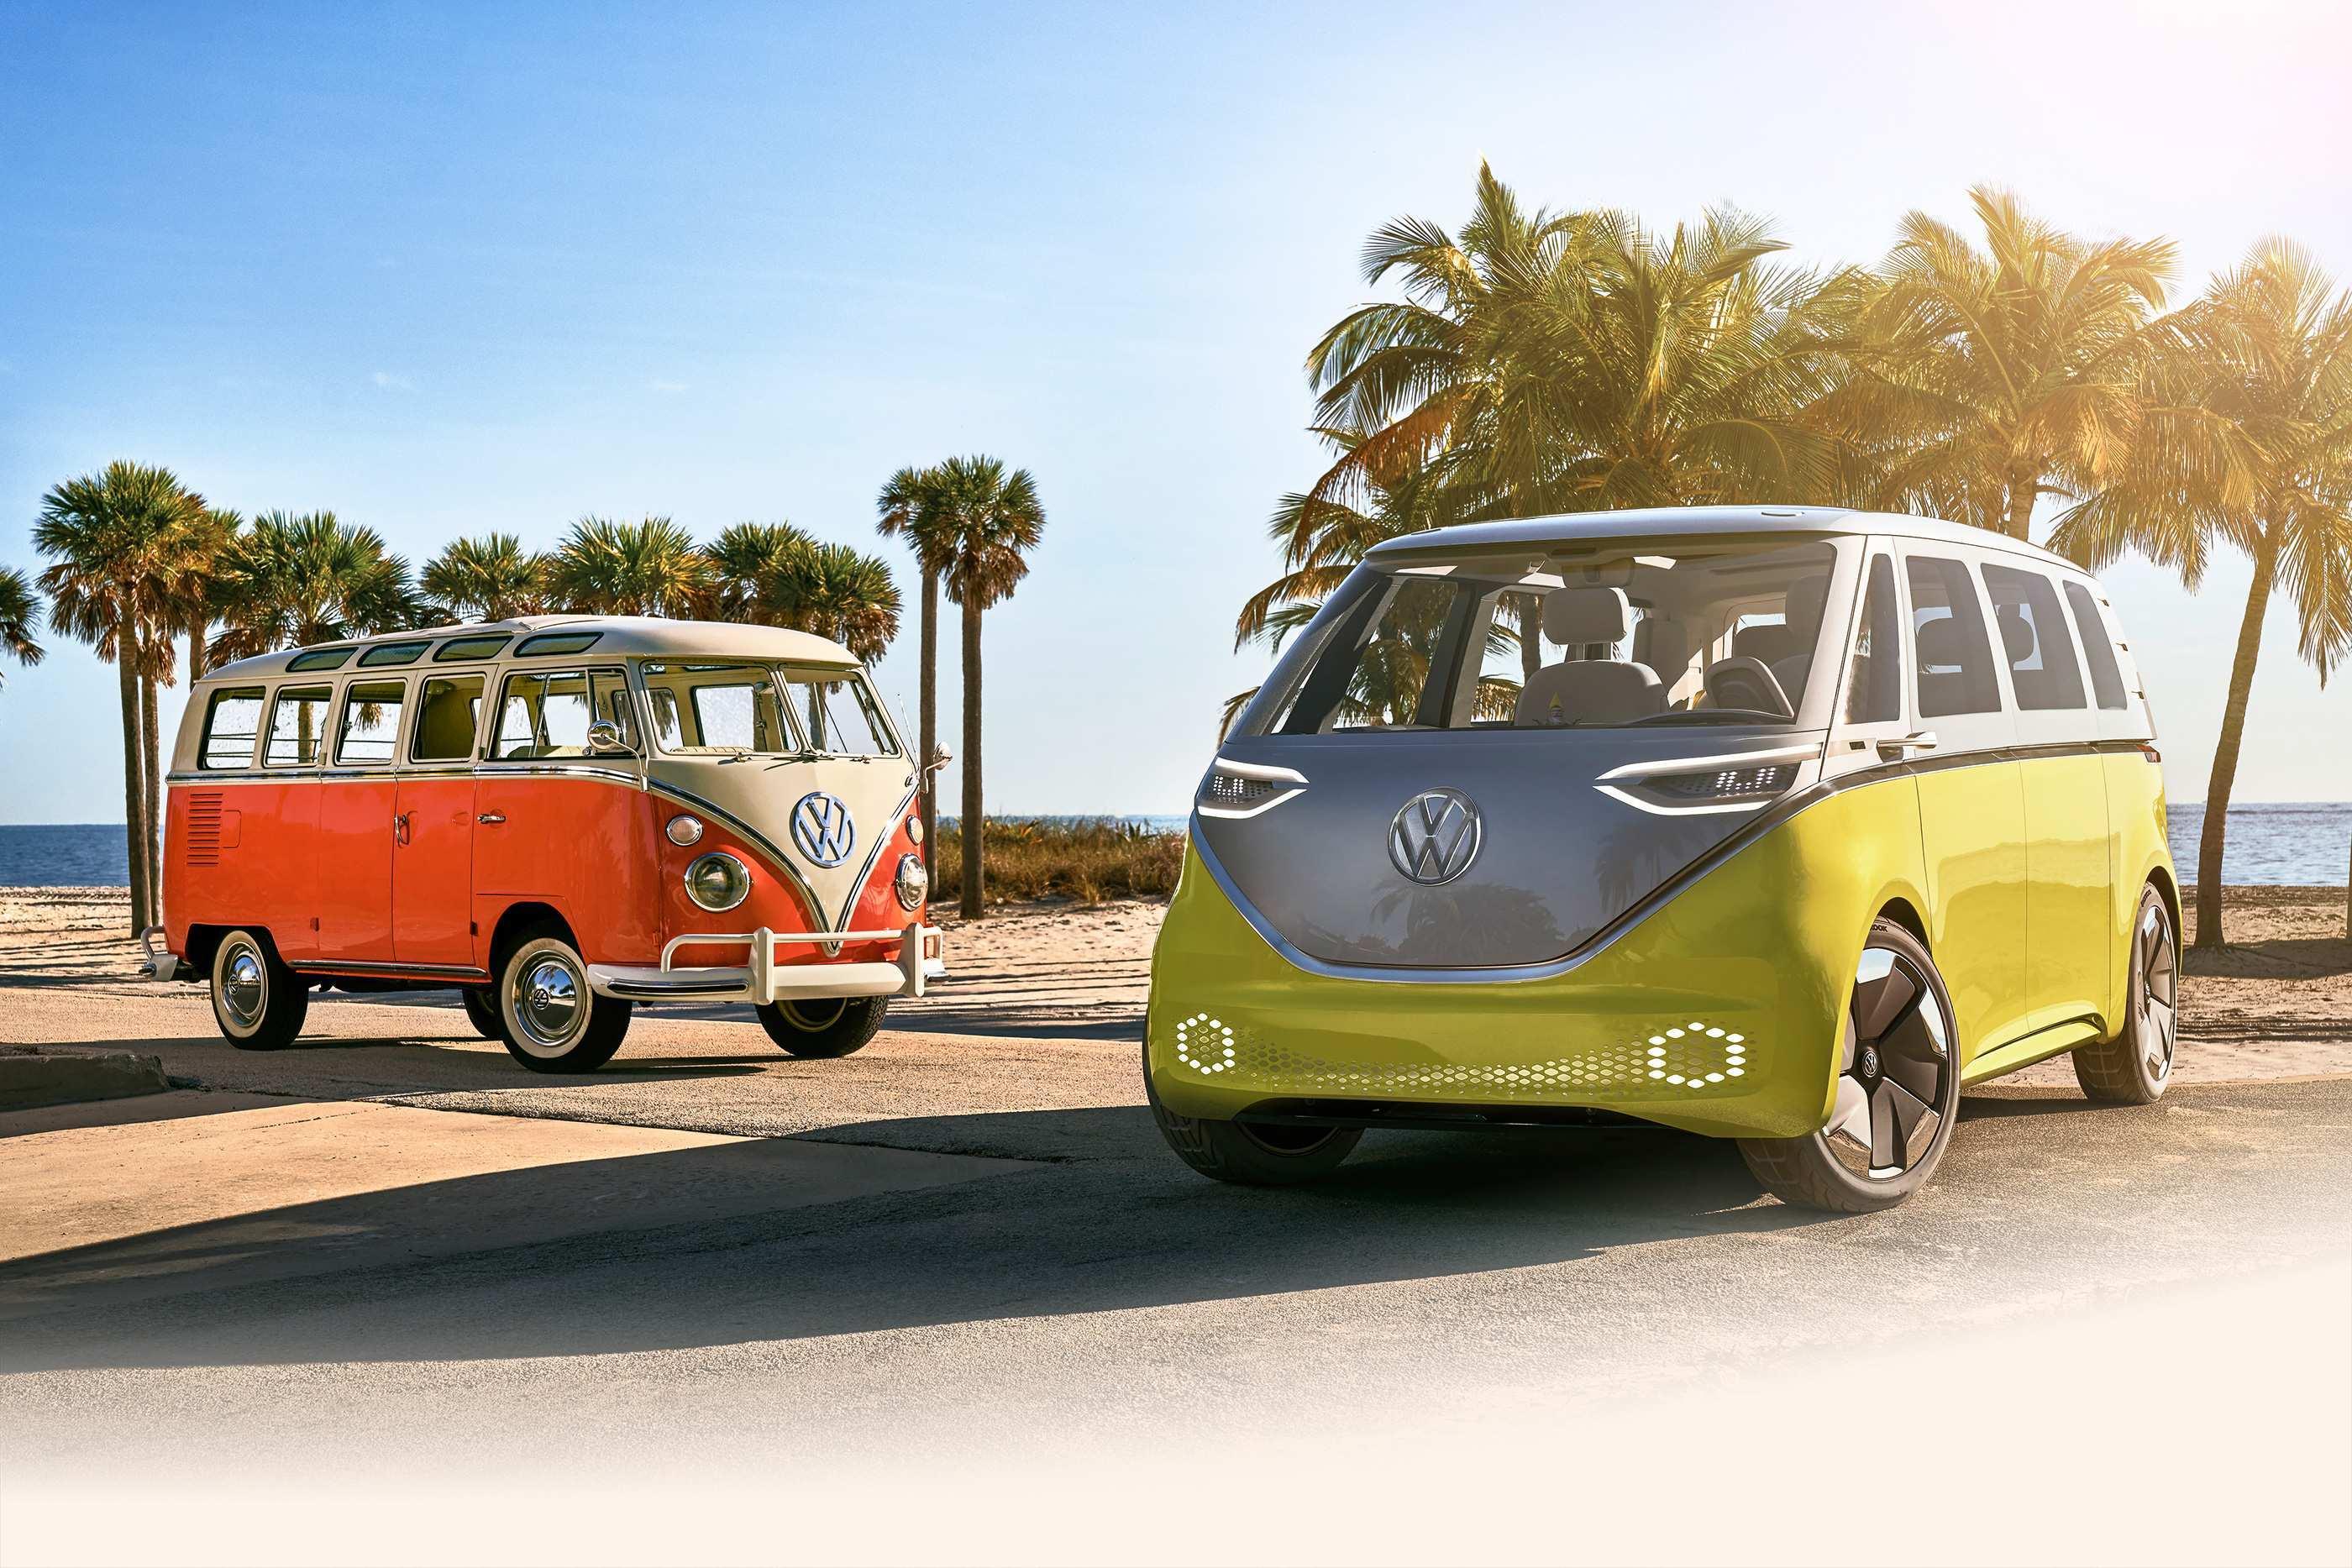 48 The Volkswagen Van 2020 Price Specs for Volkswagen Van 2020 Price